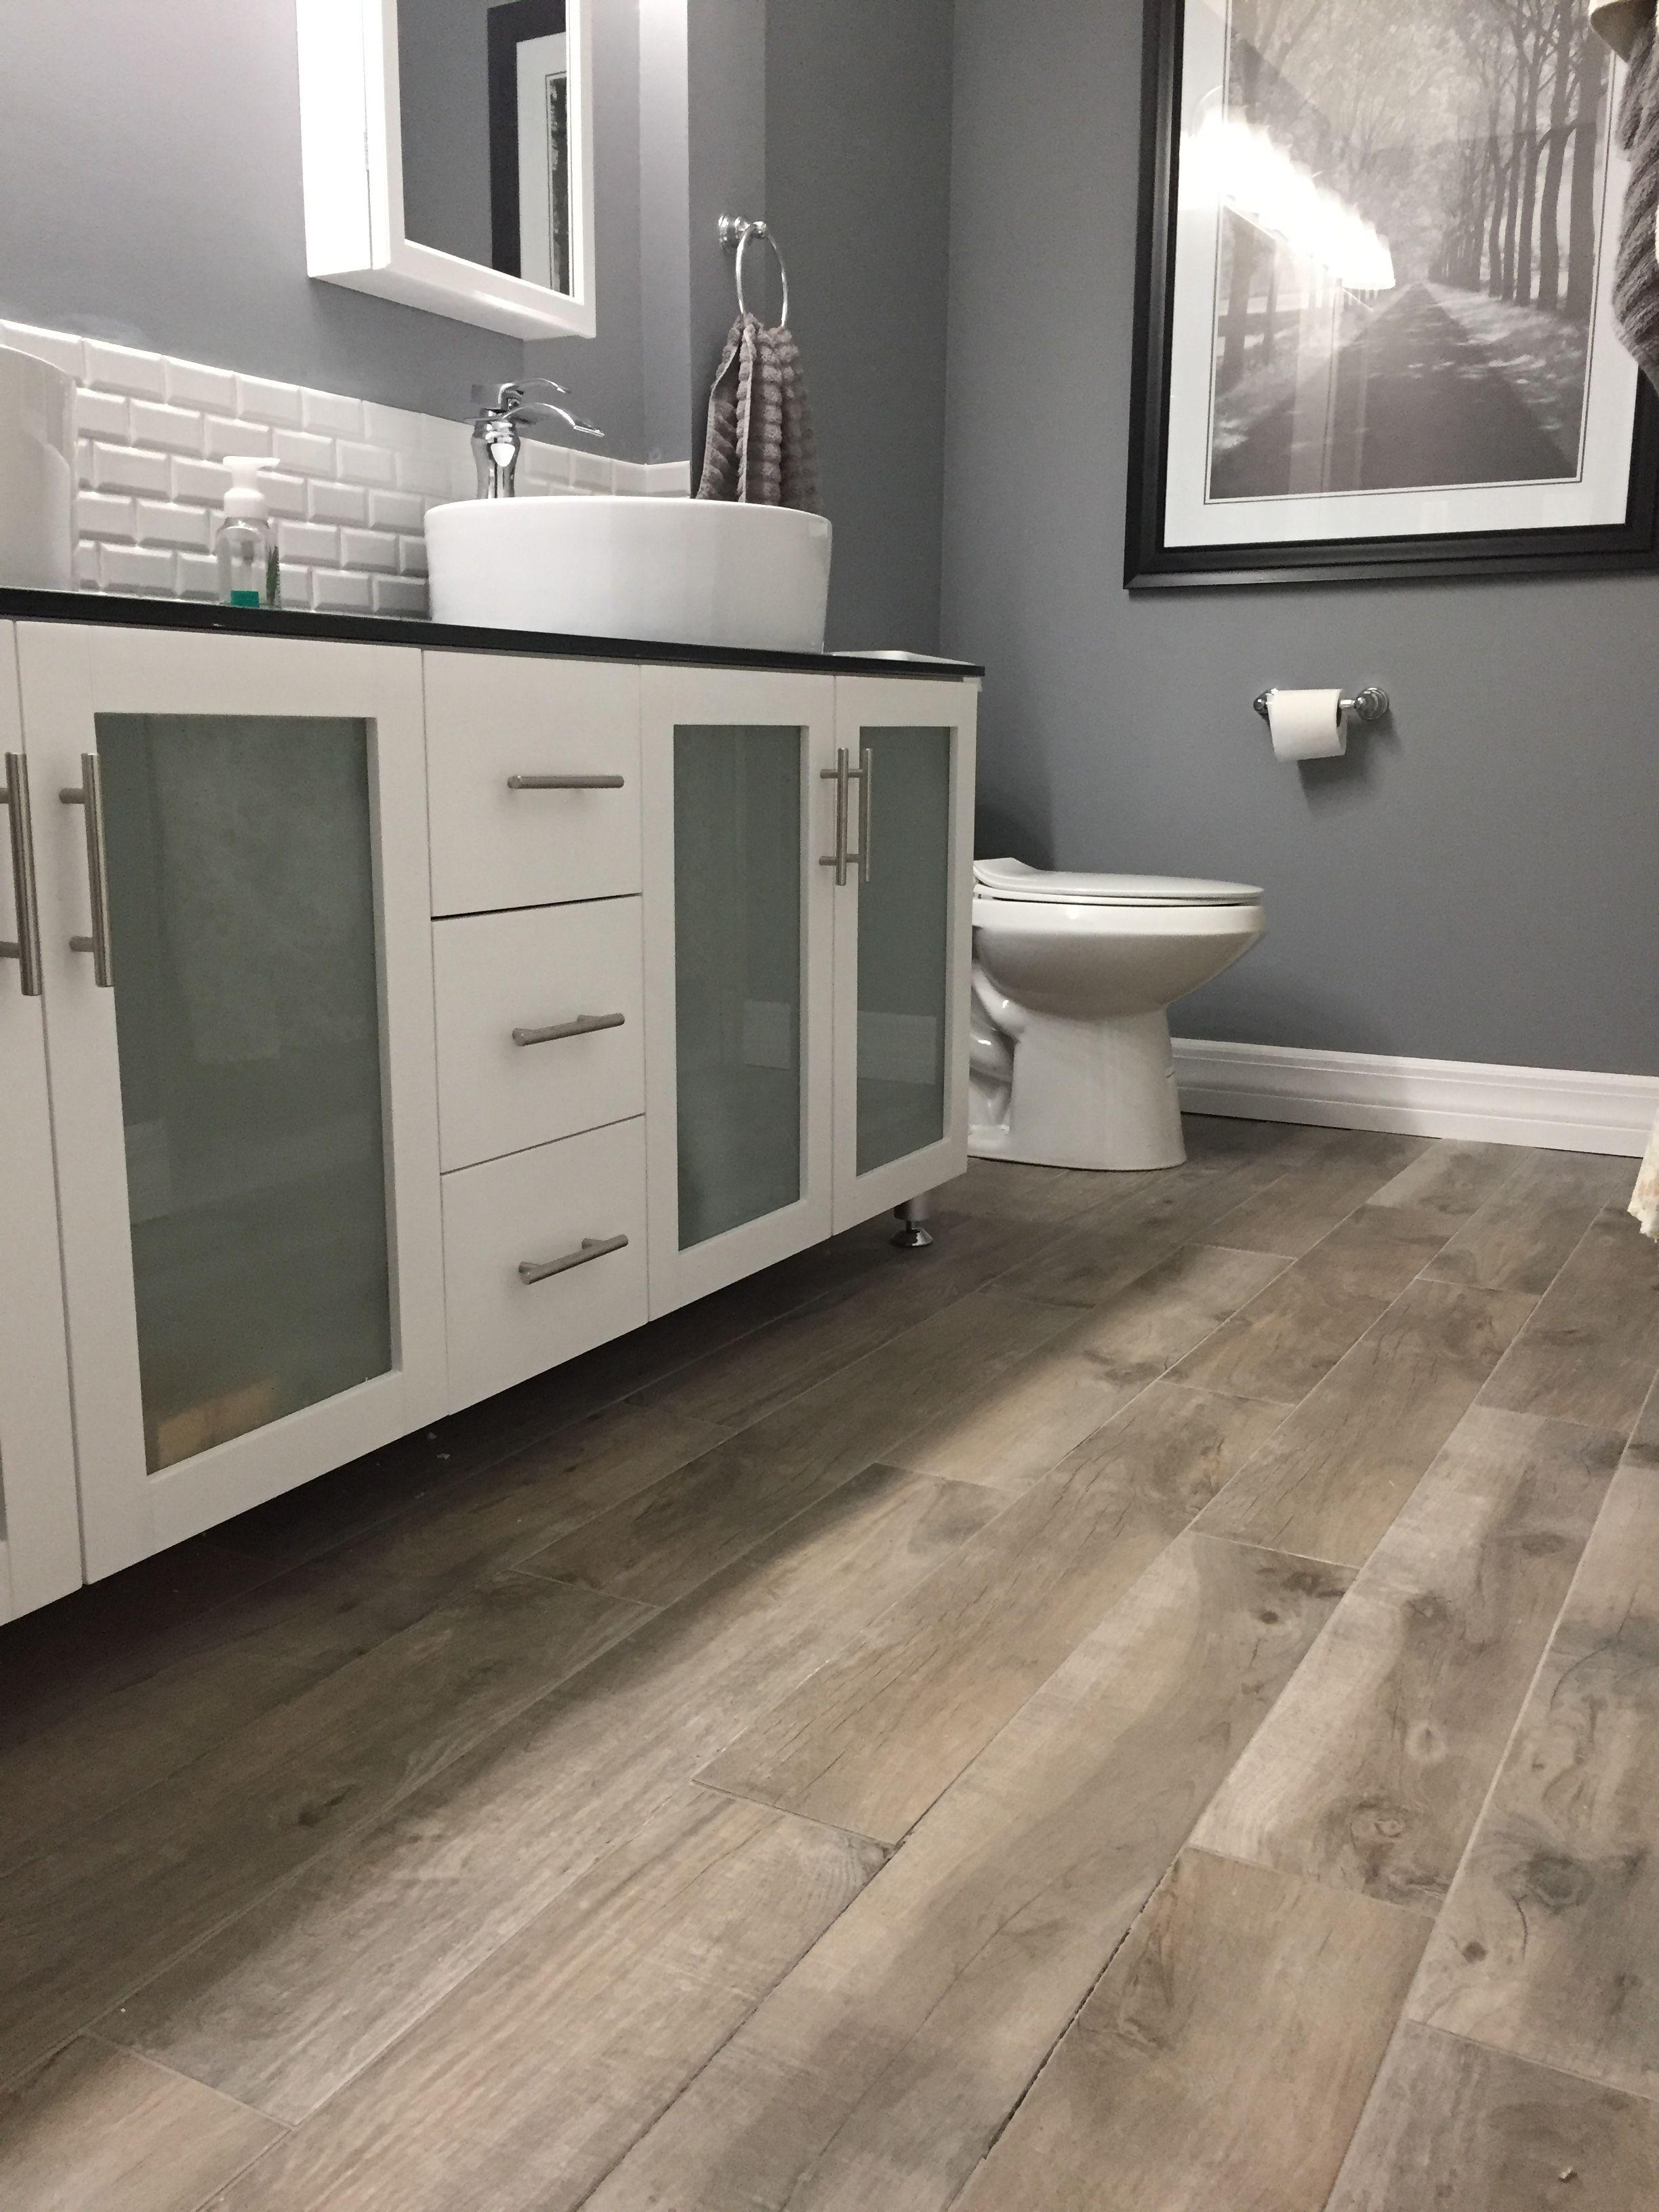 Tile Floor Looks Like Rustic Wood Planks Home Depot Wood Tile Bathroom Rustic Wood Floors Wood Tile Bathroom Floor